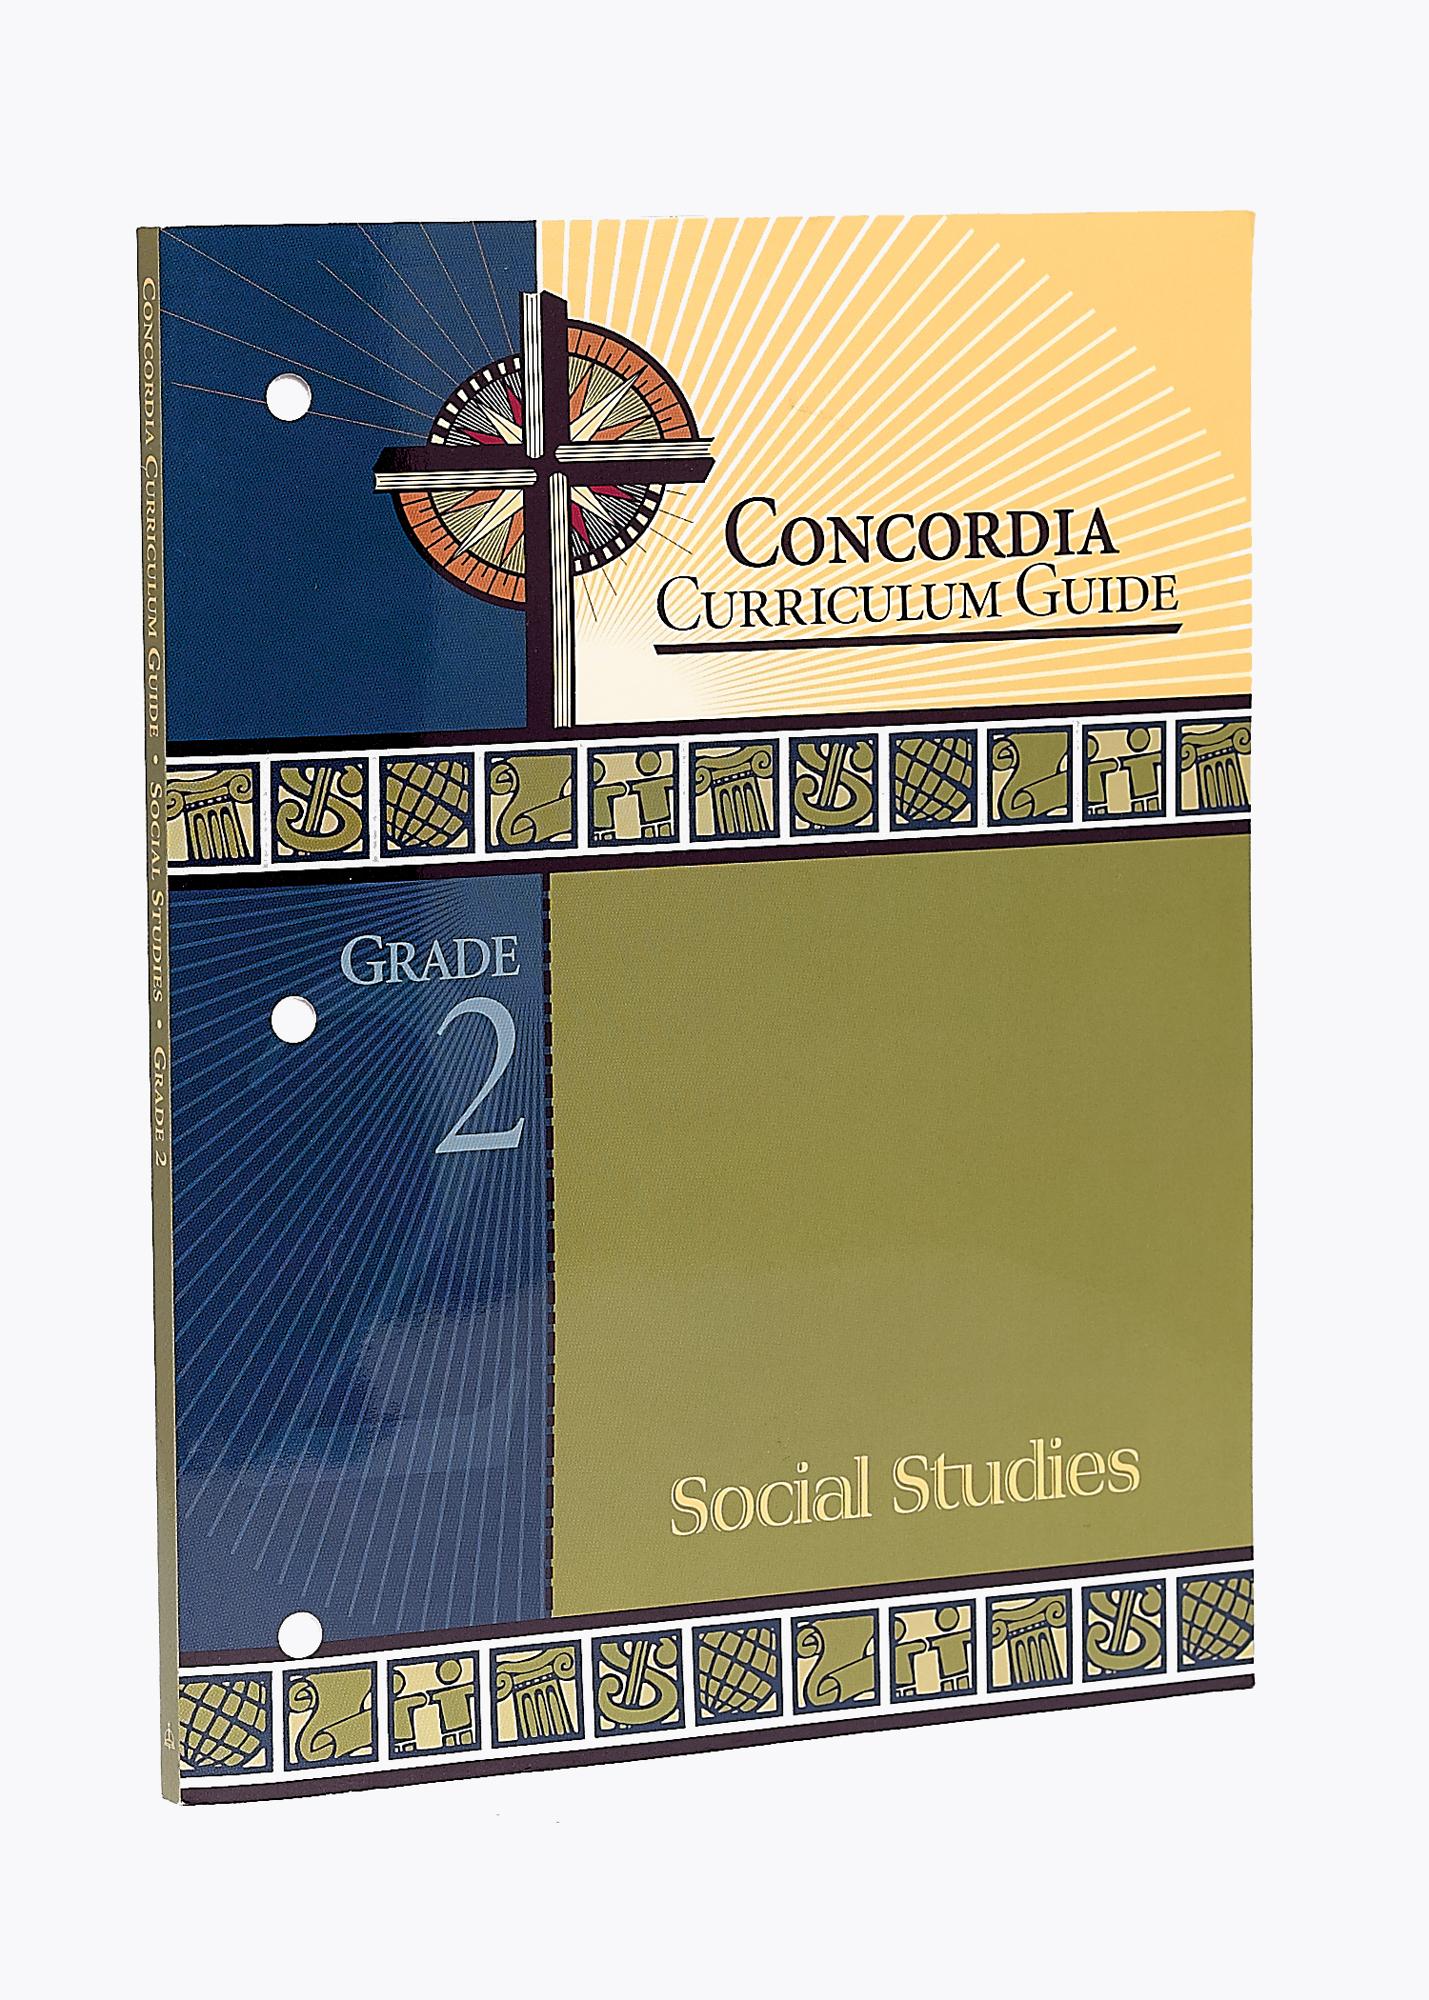 Concordia Curriculum Guide - Grade 2 Social Studies (ebook